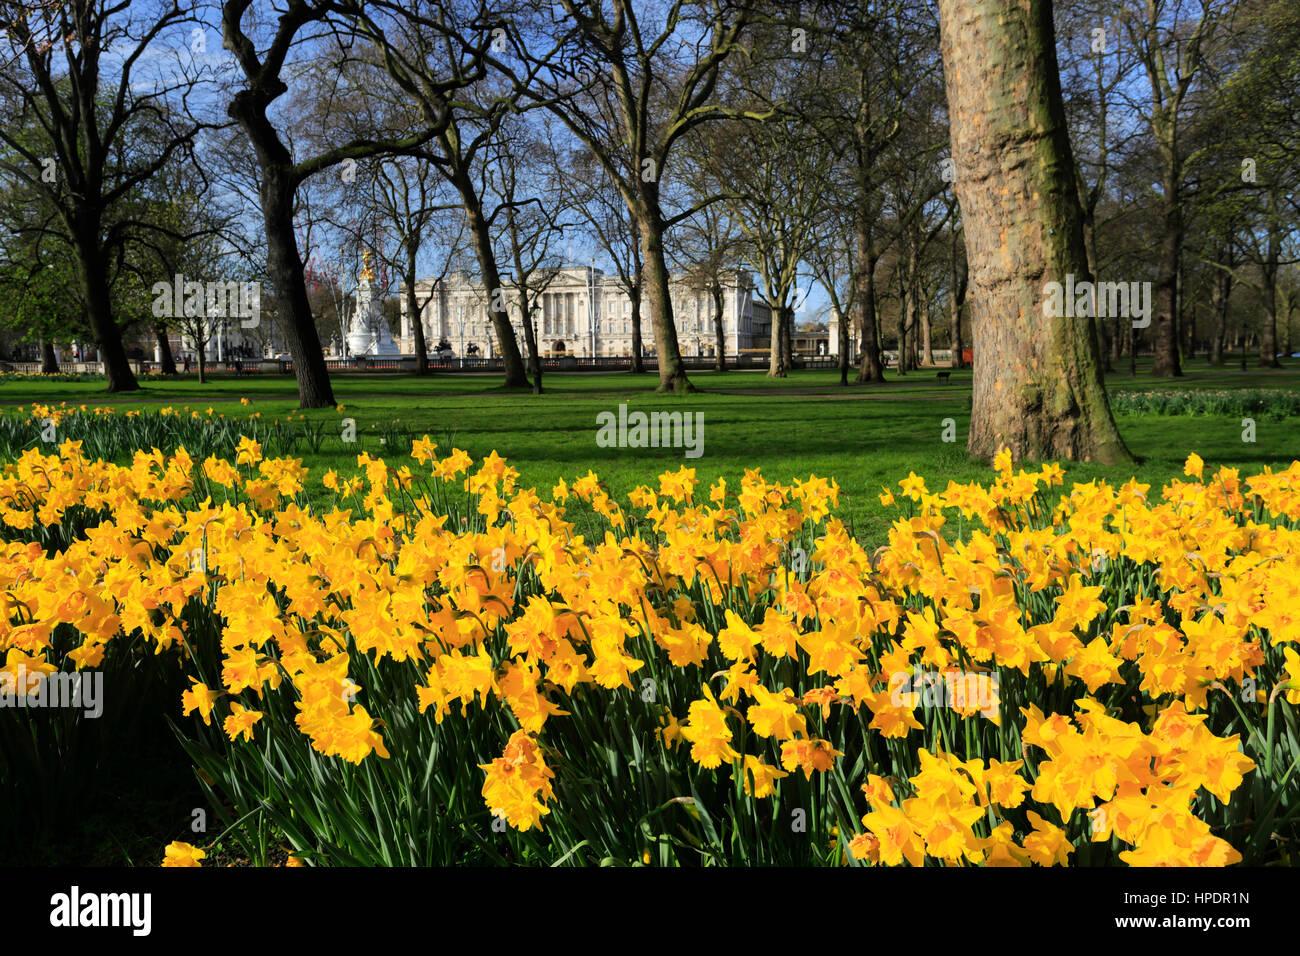 Spring Daffodils, frontage of Buckingham Palace, St James, London, England, UK Stock Photo